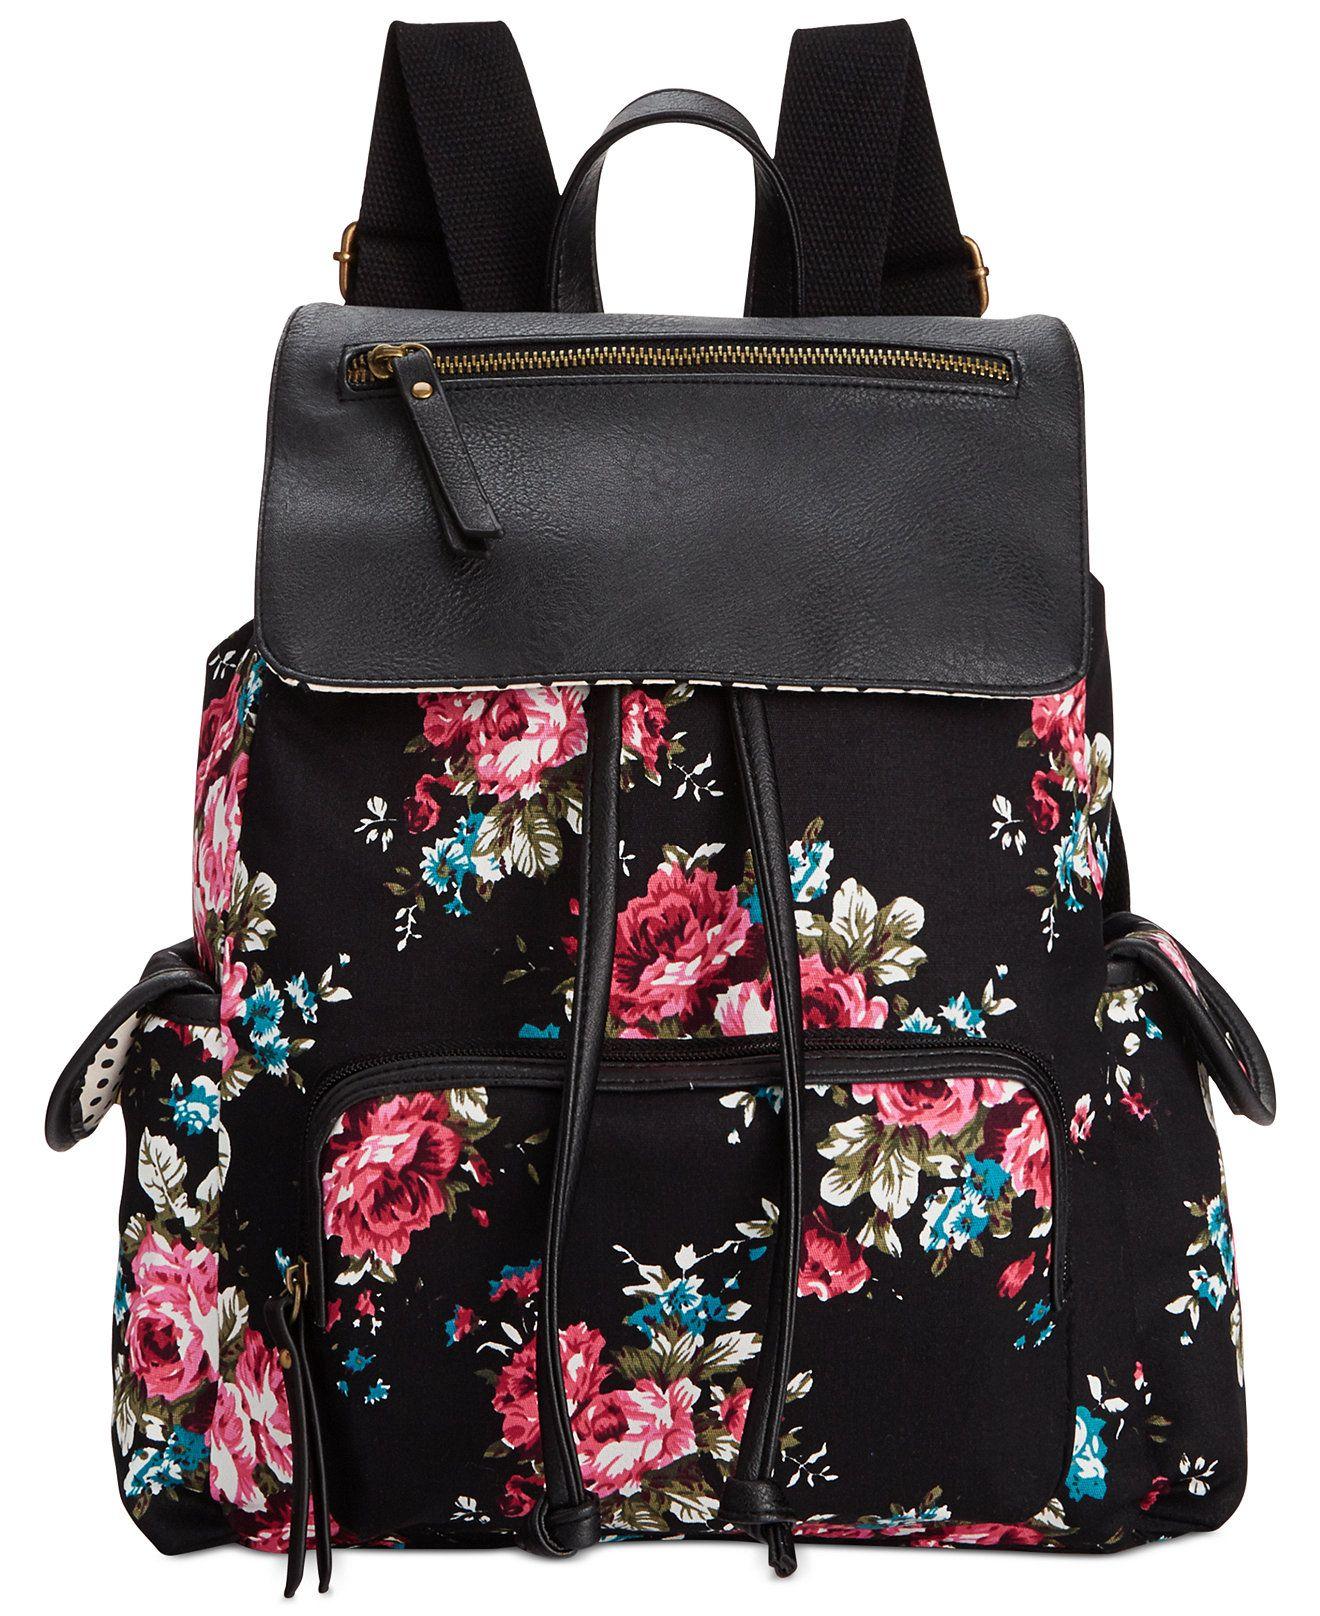 Madden Girl Btrender Backpack - Black Floral  c32f4141f2c94